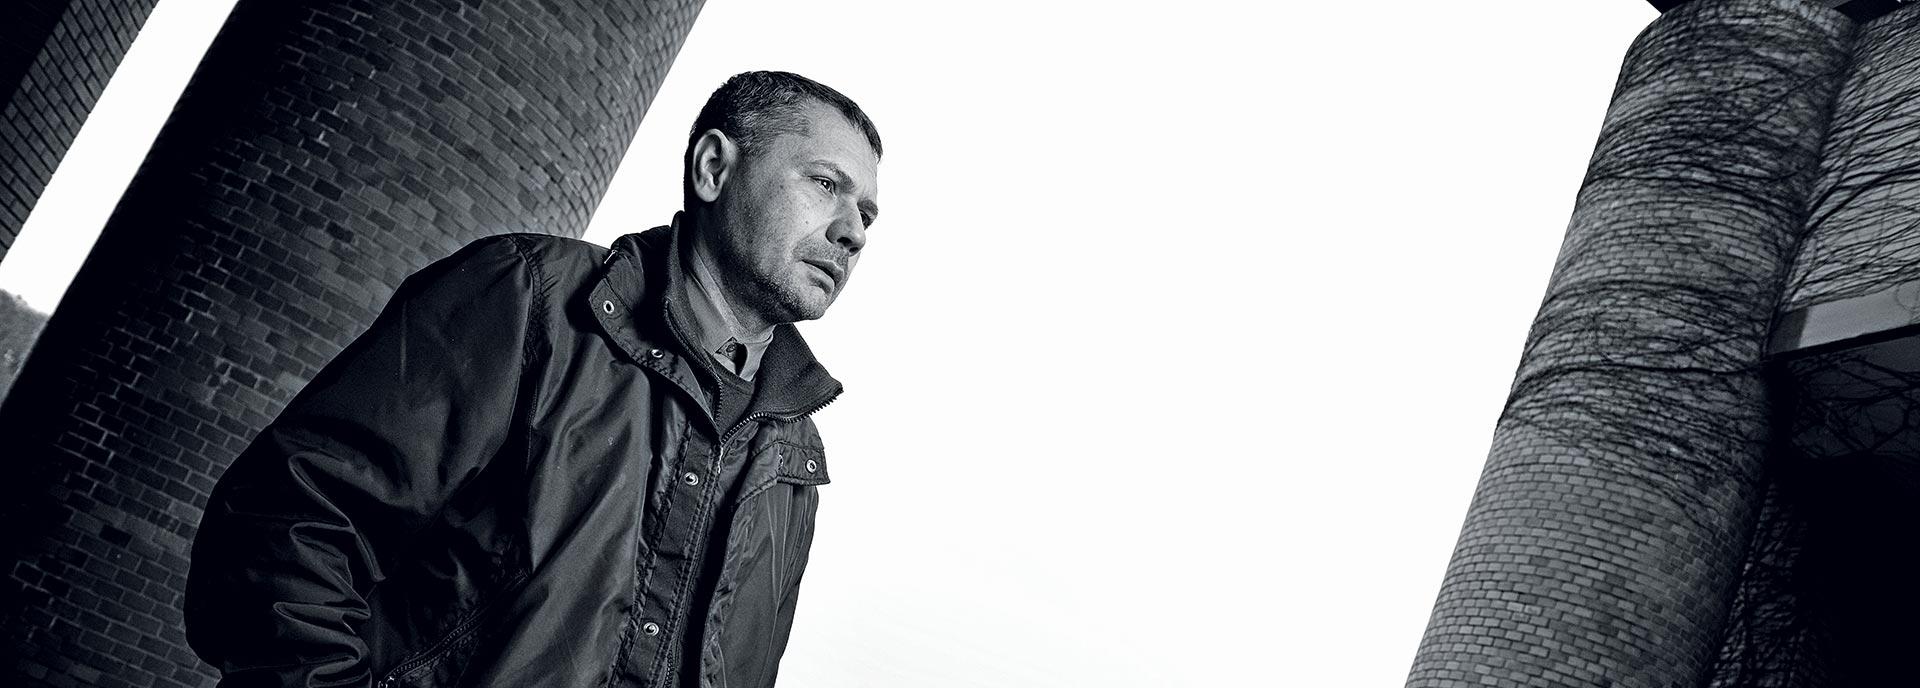 VINKO GRUBIŠIĆ ZA NACIONAL: 'Žao mi je što Tuđman nikada nije pogledao moj film'